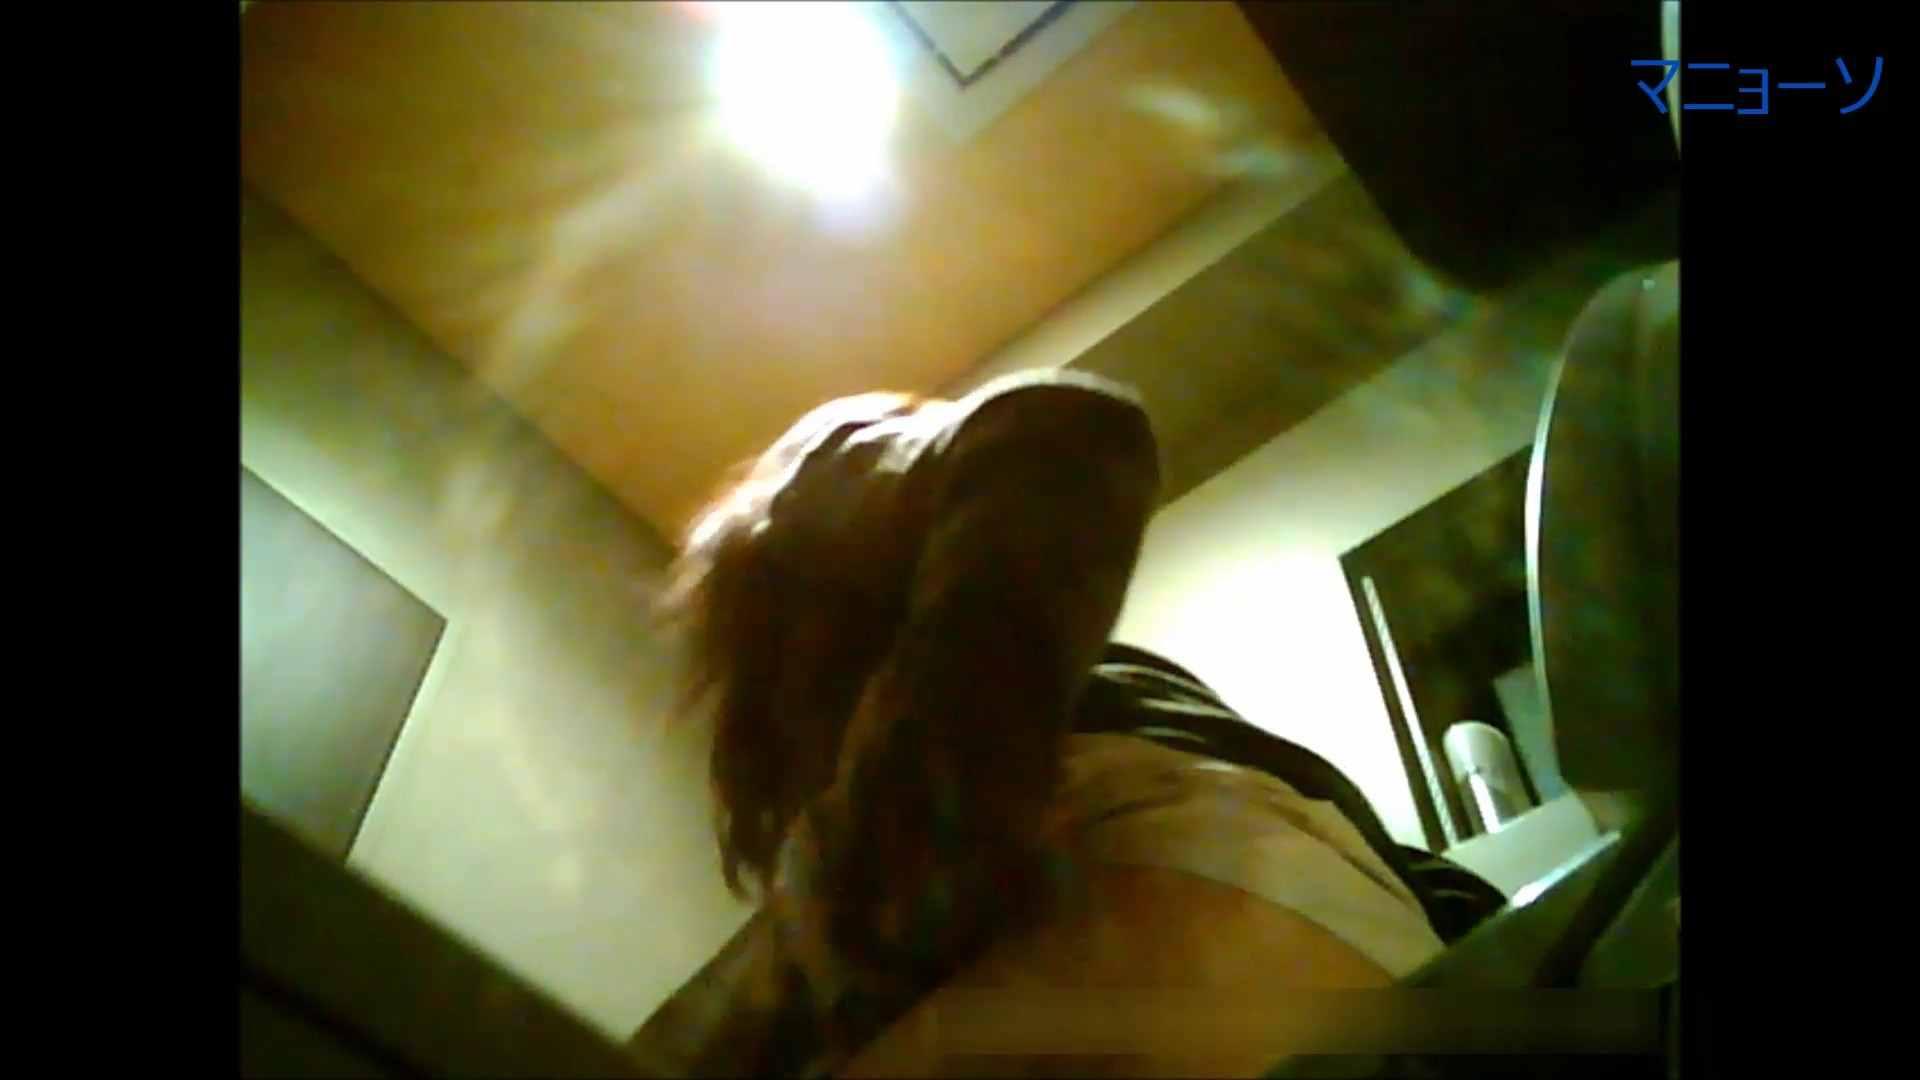 トイレでひと肌脱いでもらいました (JD編)Vol.01 OL  93pic 58